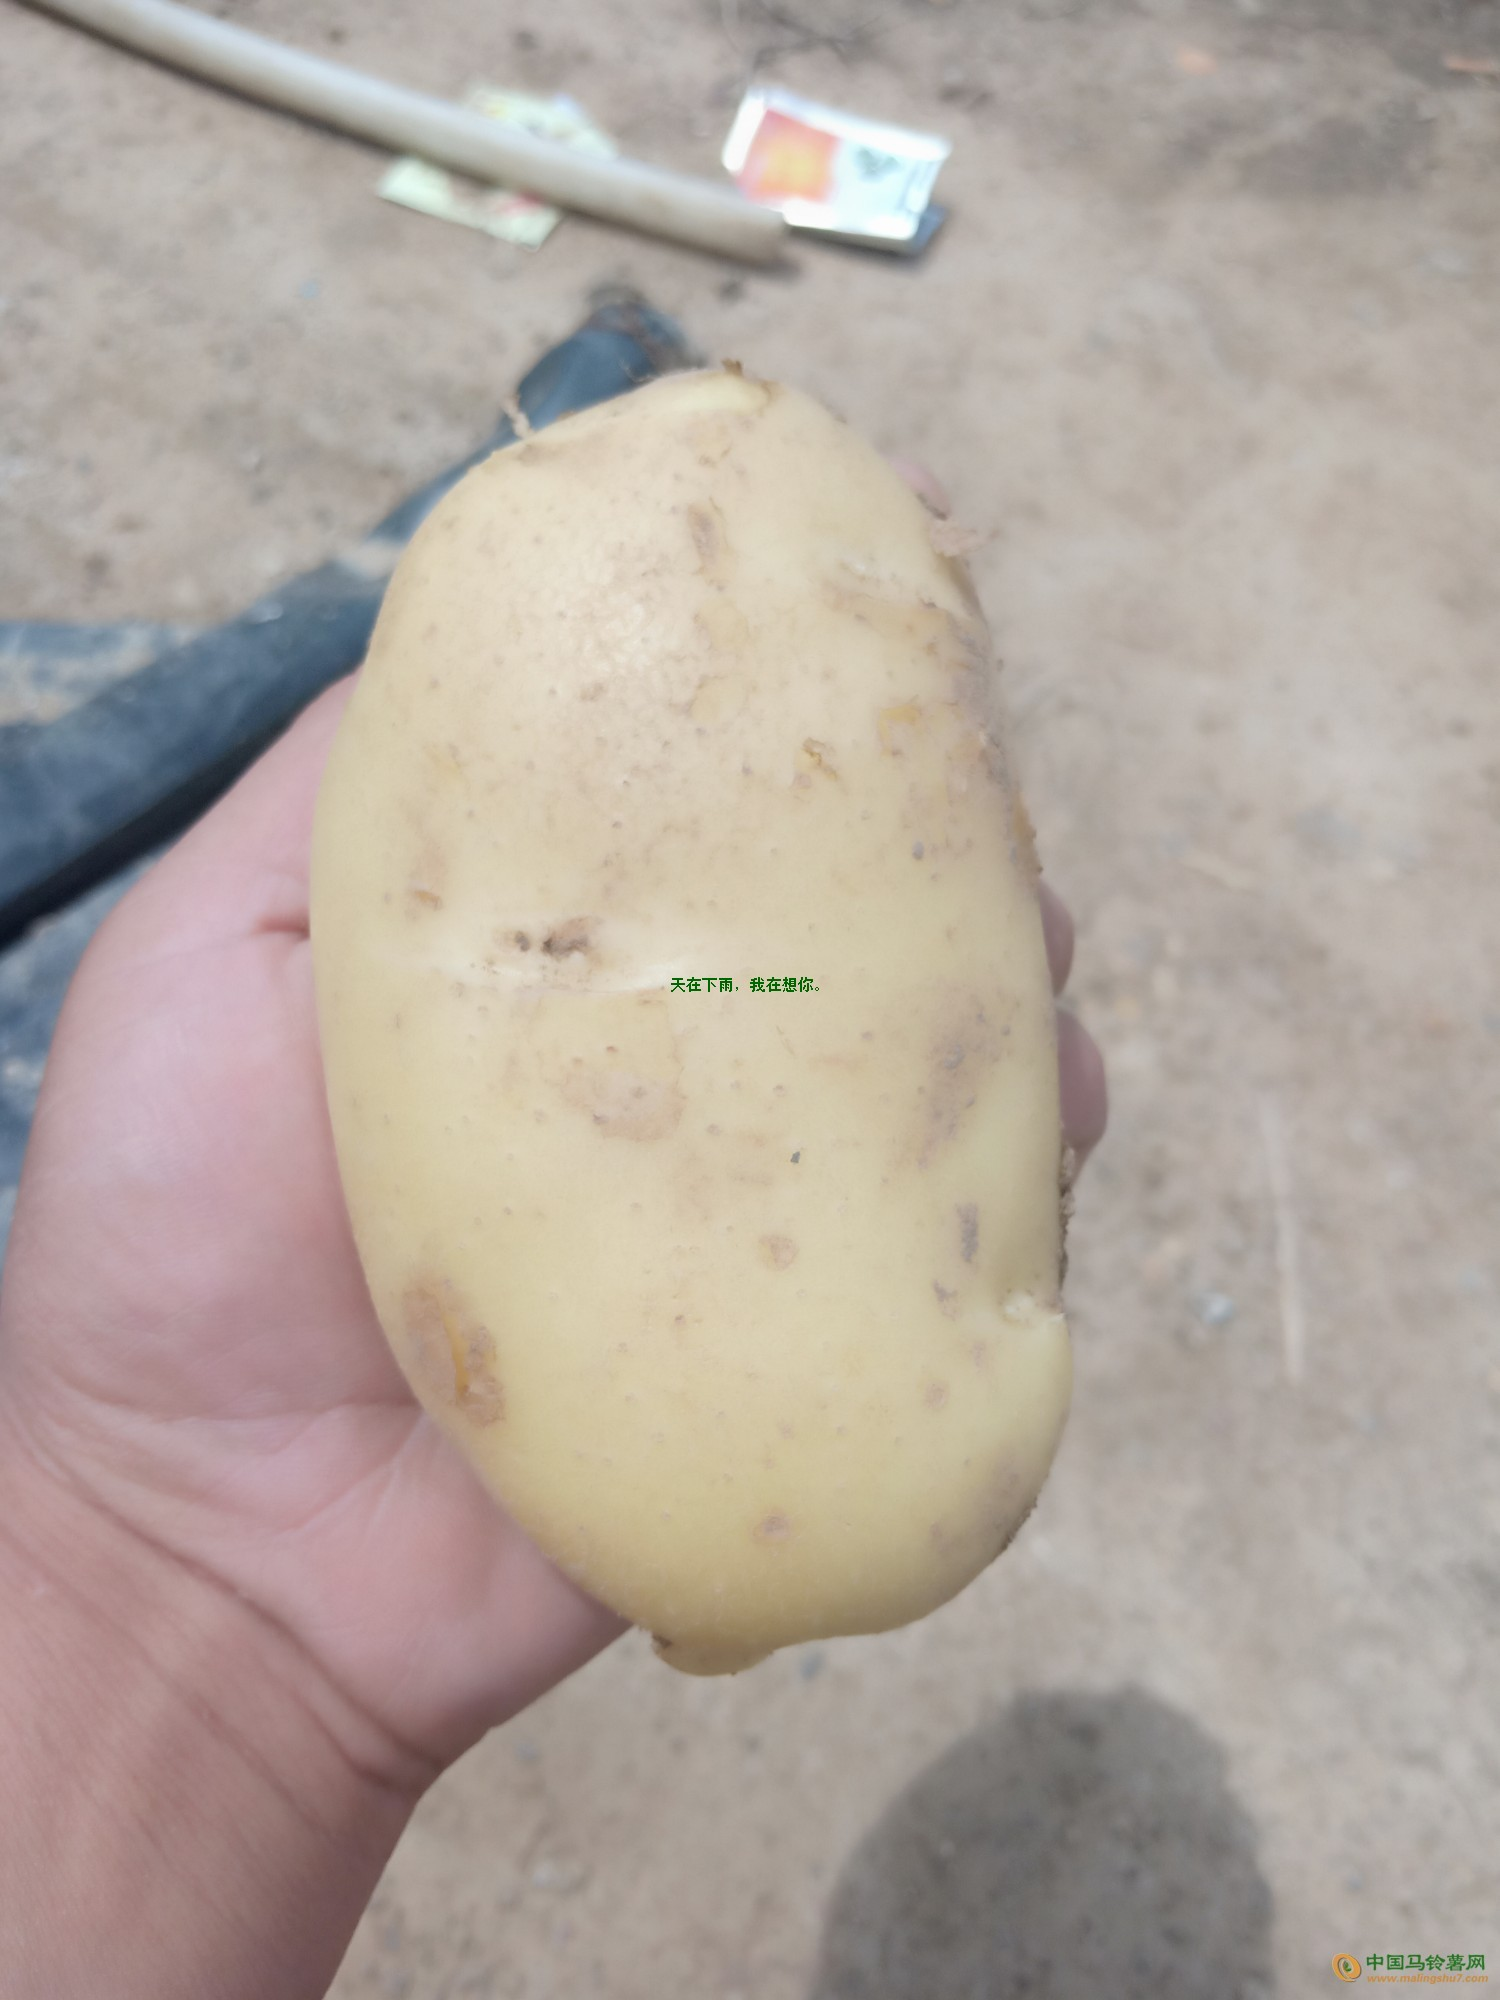 黄皮黄心土豆 ()